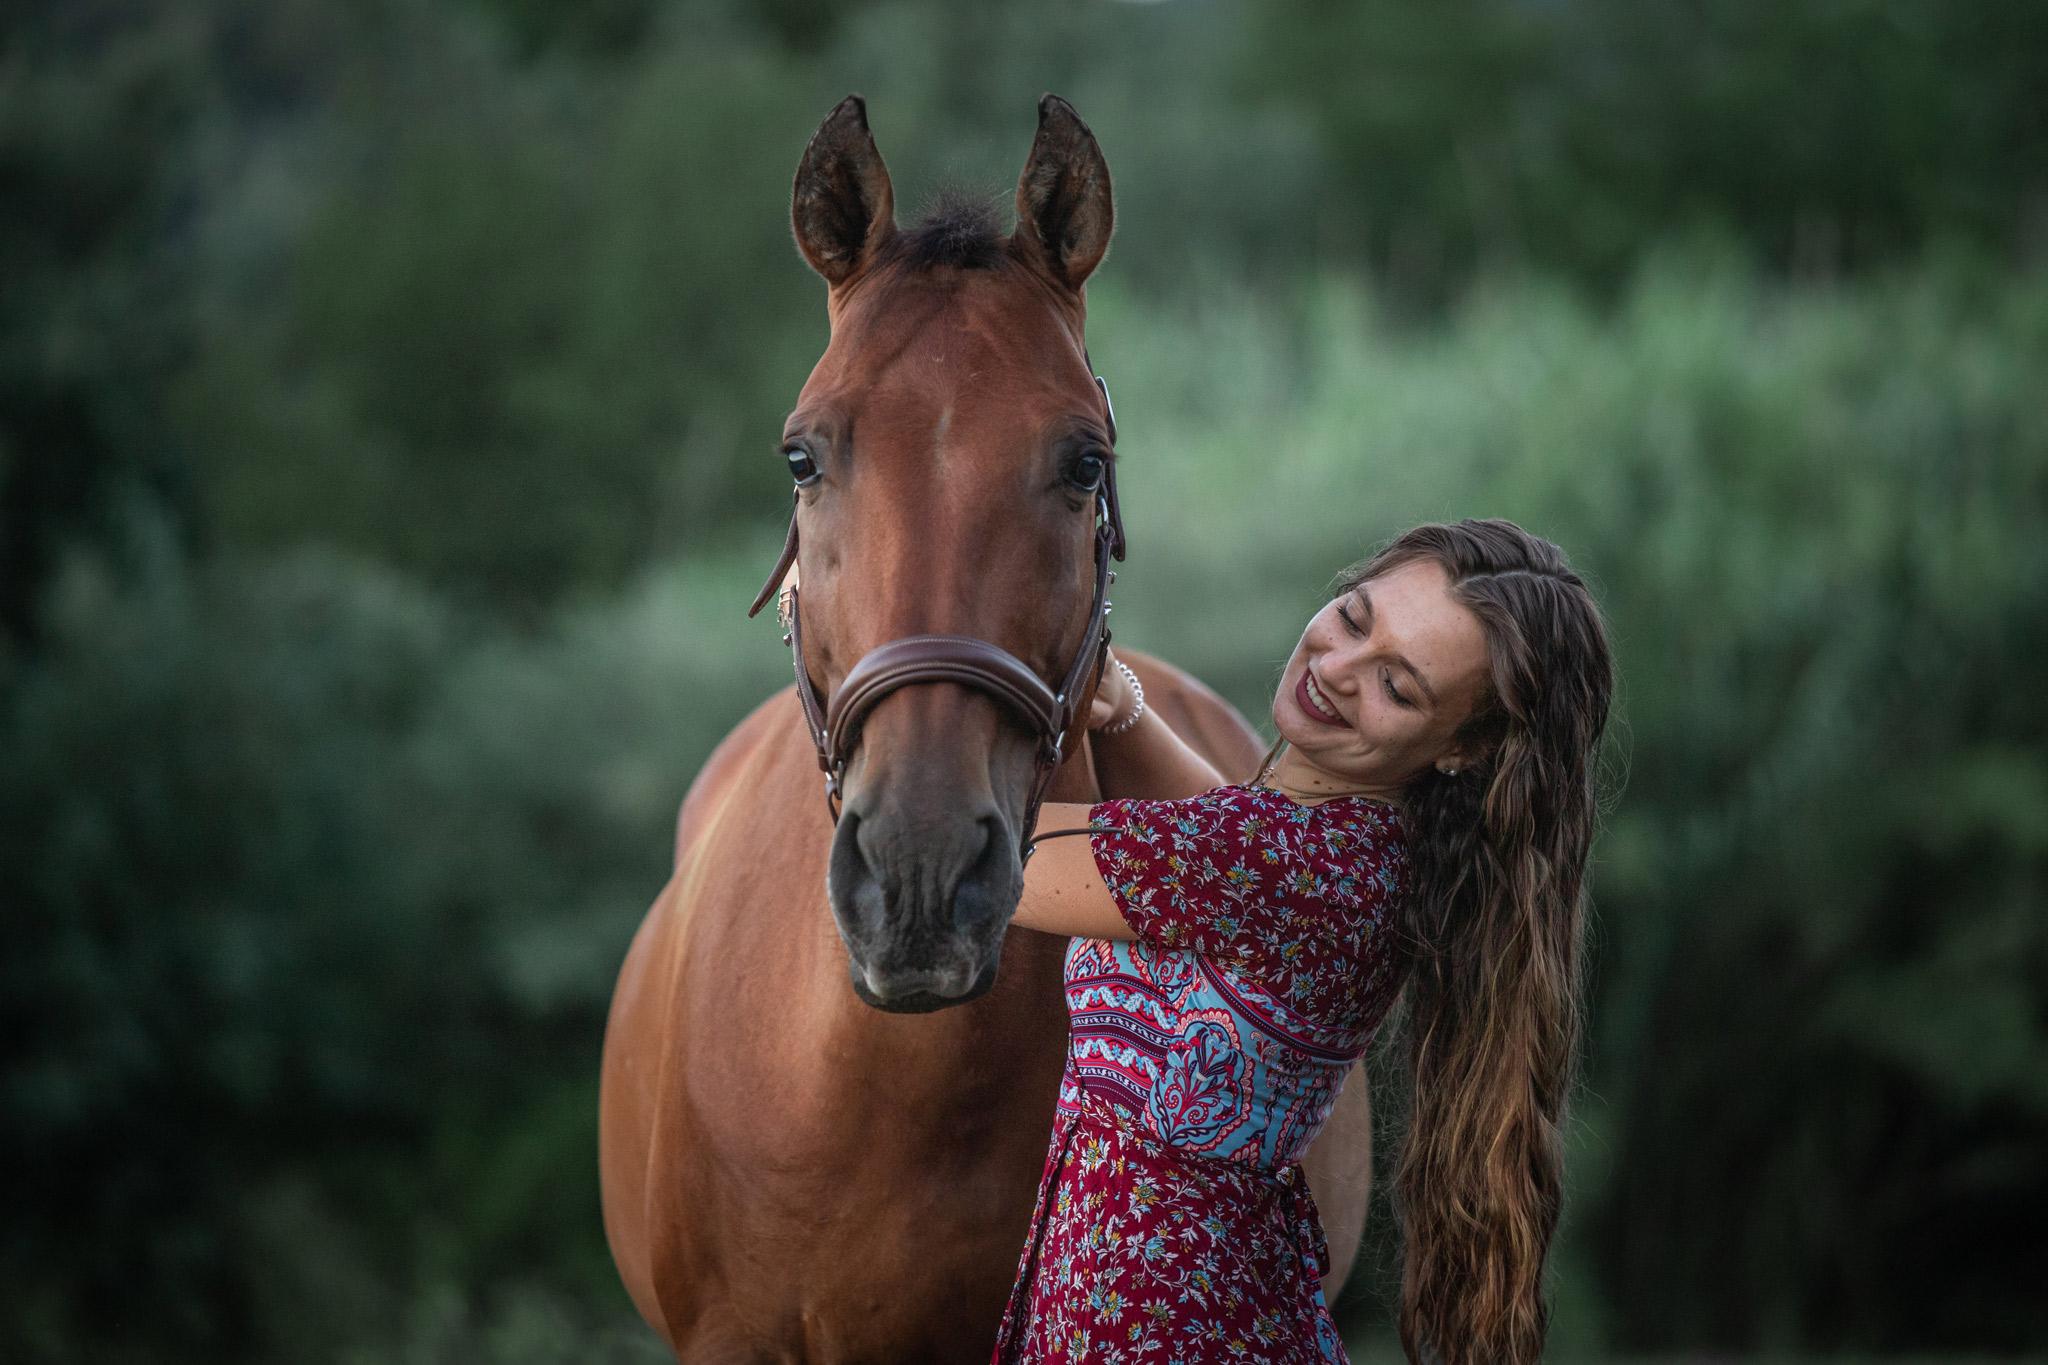 photographe-animalier-paca